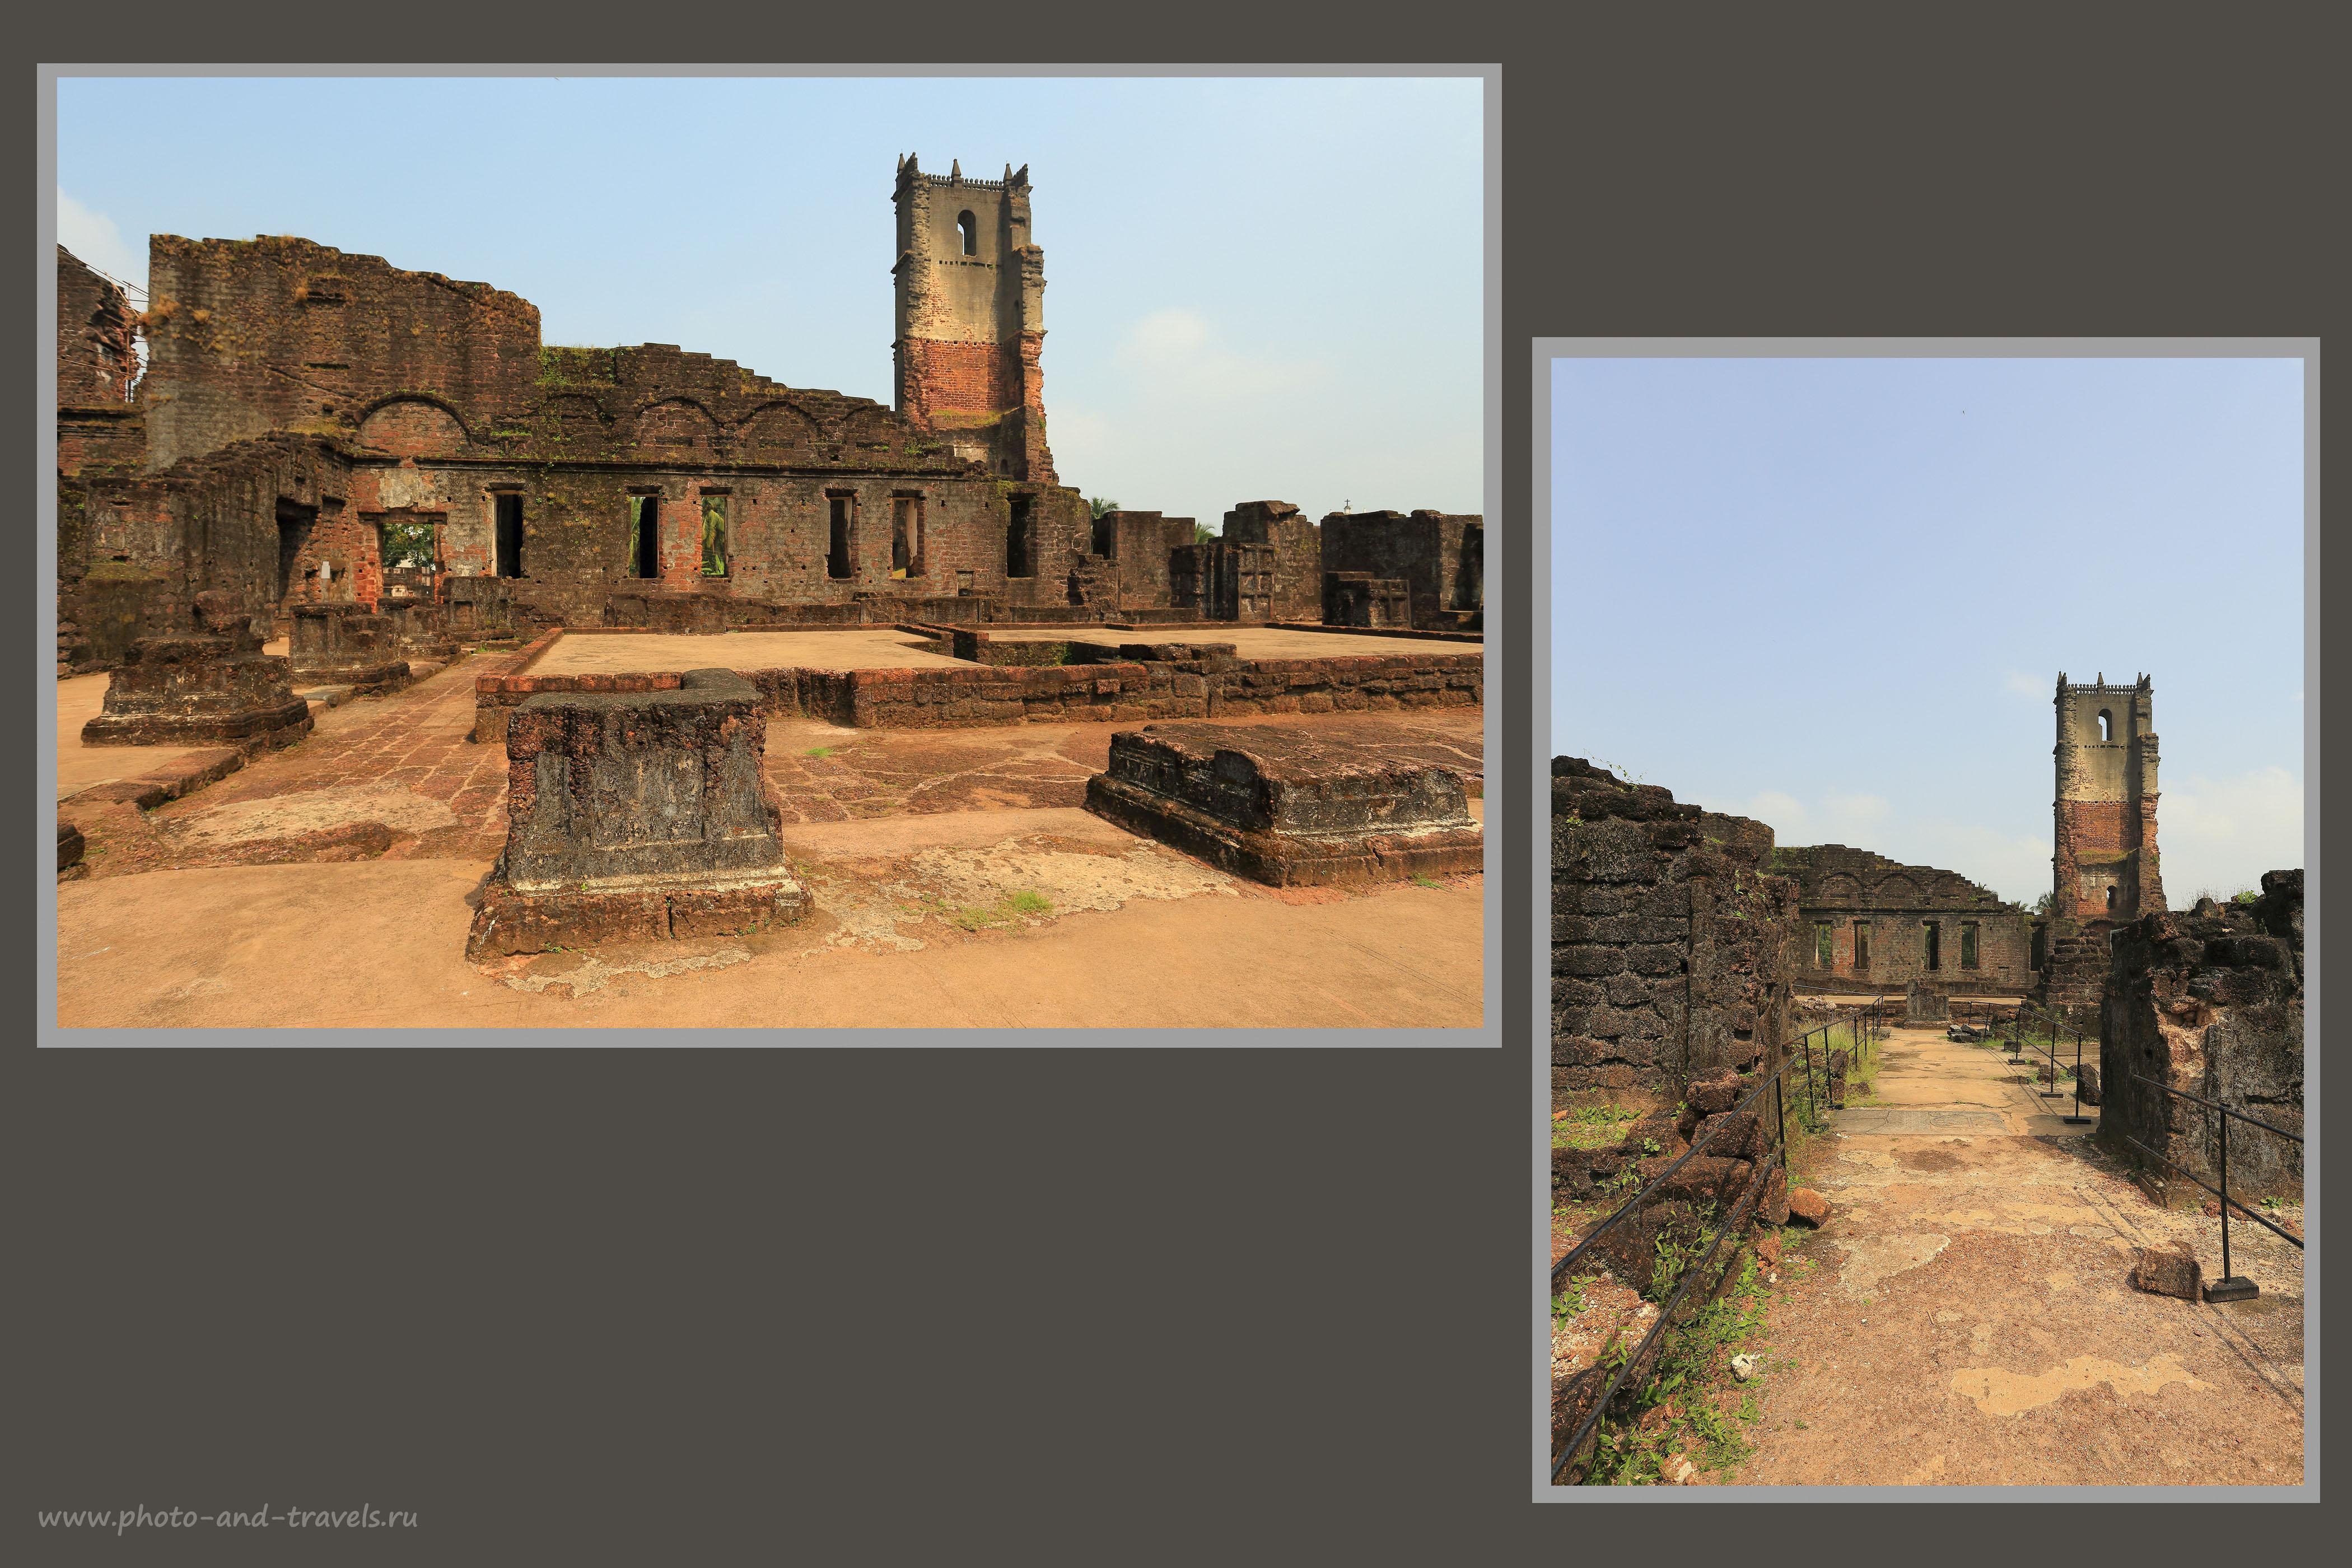 Фотография 22. Вид на руины башни Св. Августина. Экскурсия в Старый Гоа (17-40, 1/125, -1eV, f9, 17mm, ISO 100)